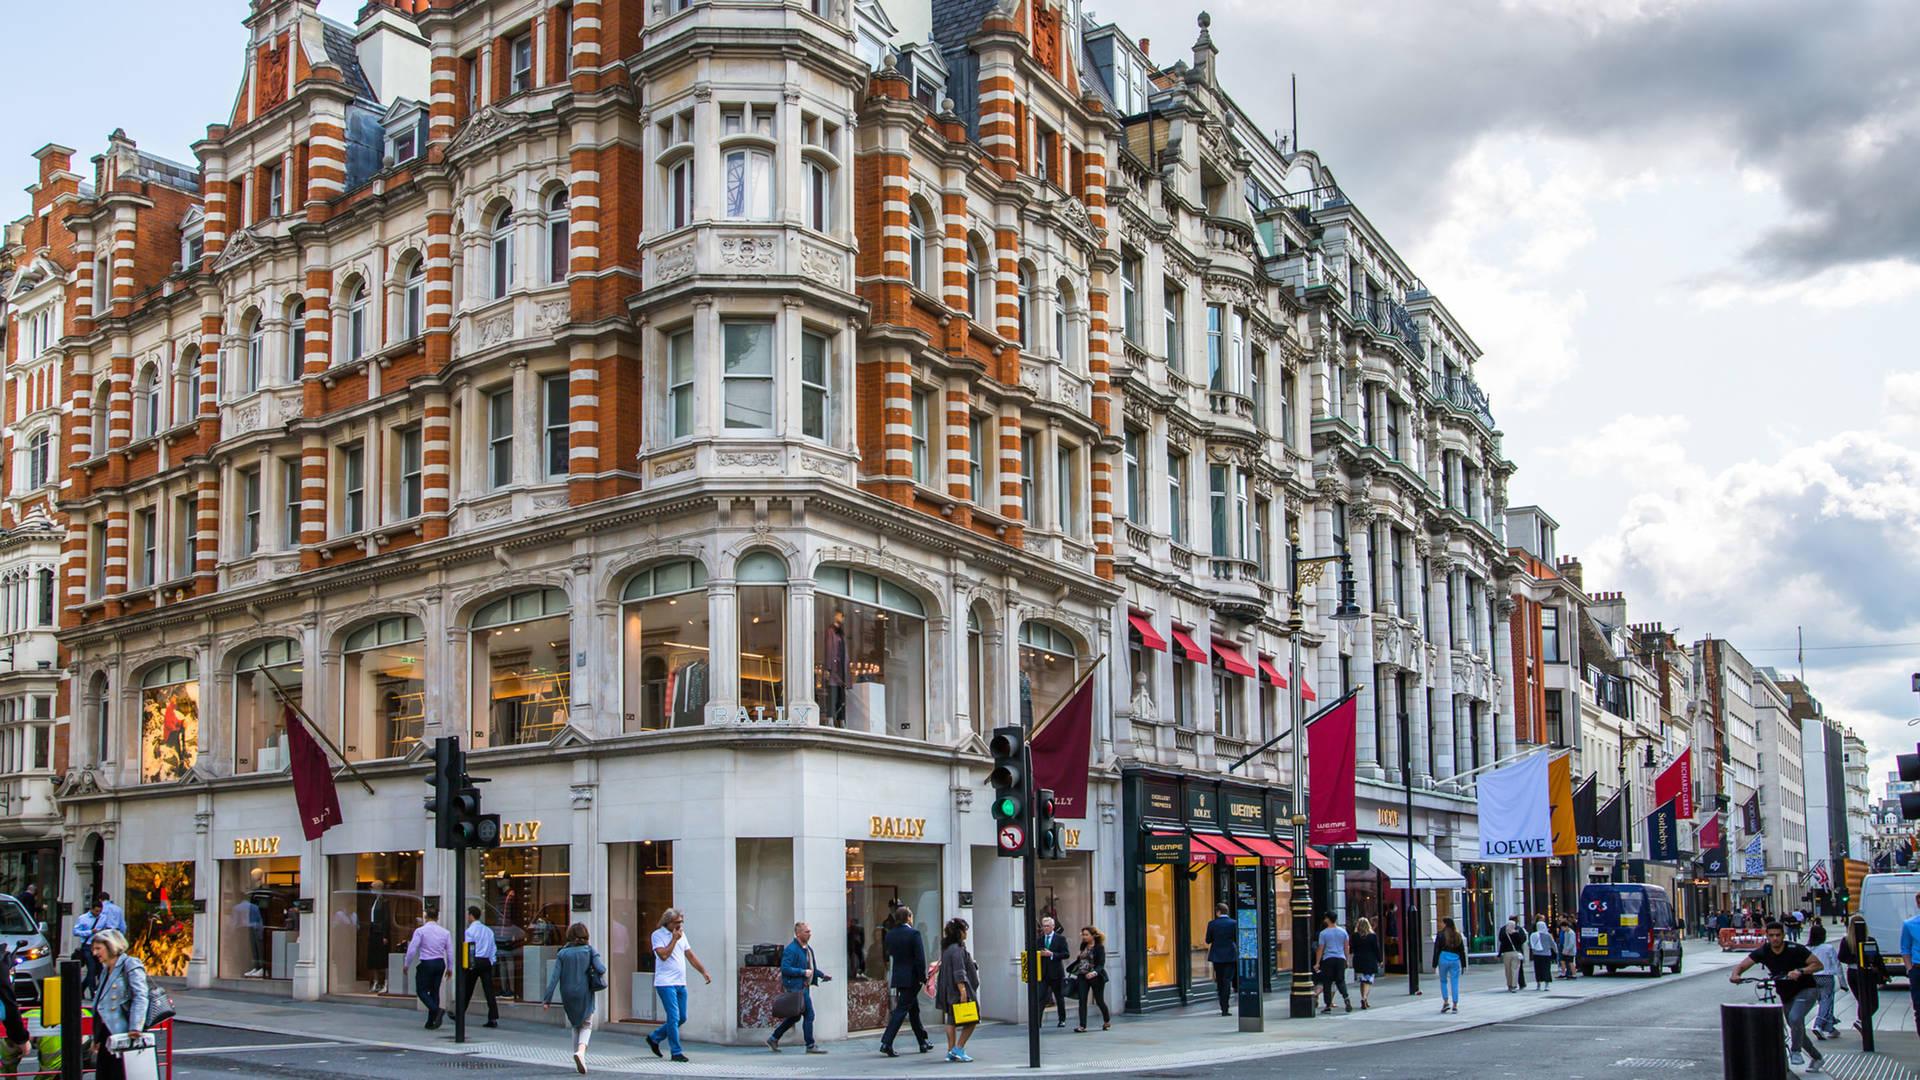 Luxury shopping in London